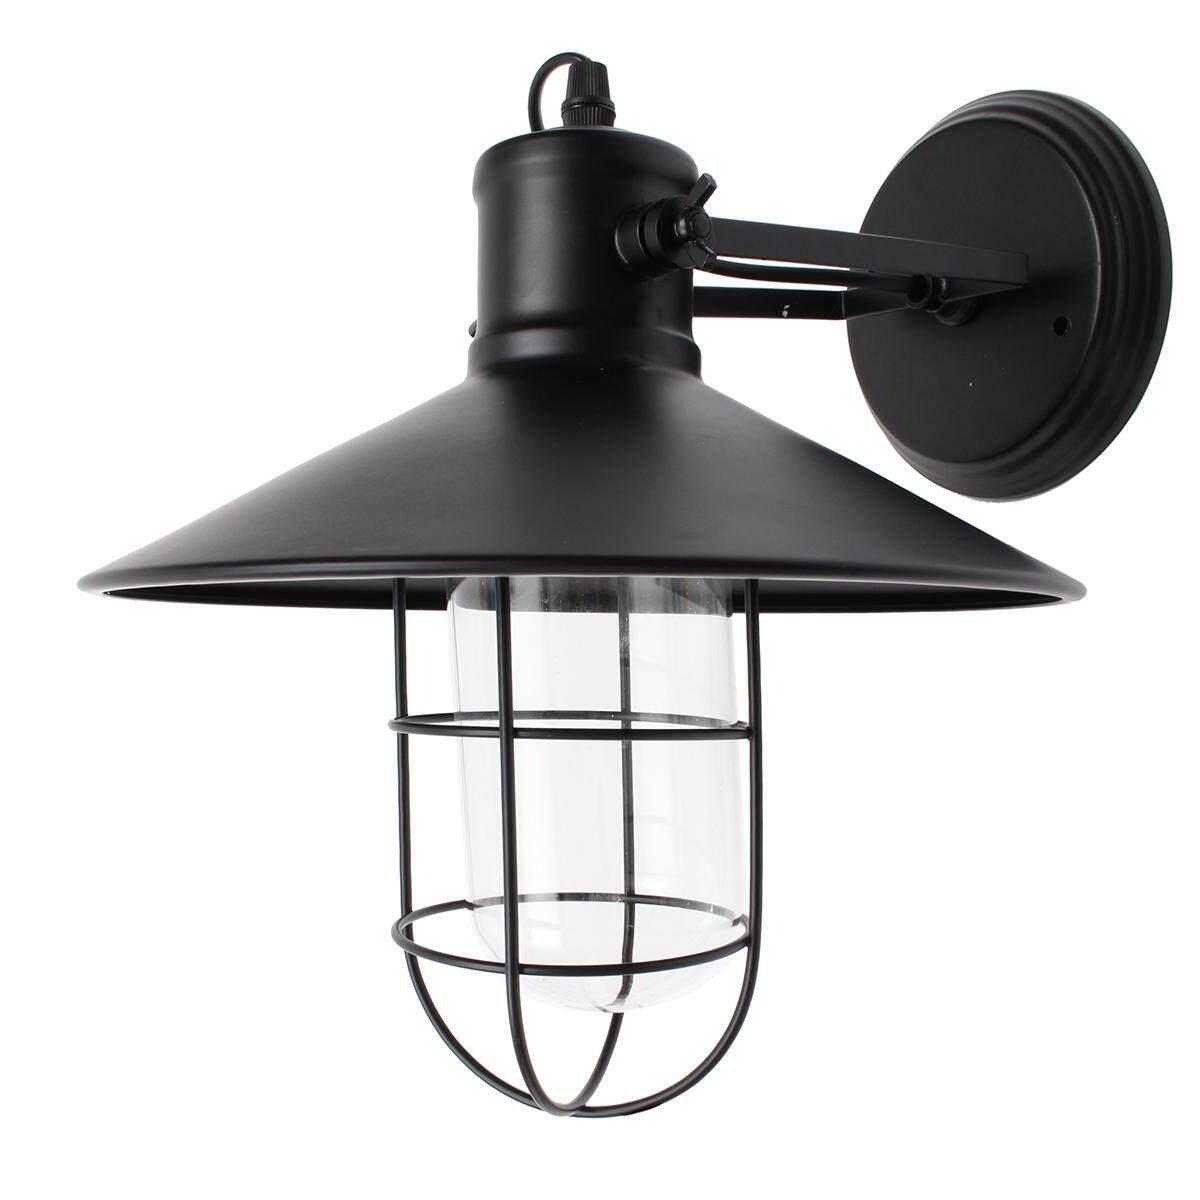 Retro Vintage Outdoor Wall Lamp Lantern Sconce Light Fixture Garden Porch Decor # 4